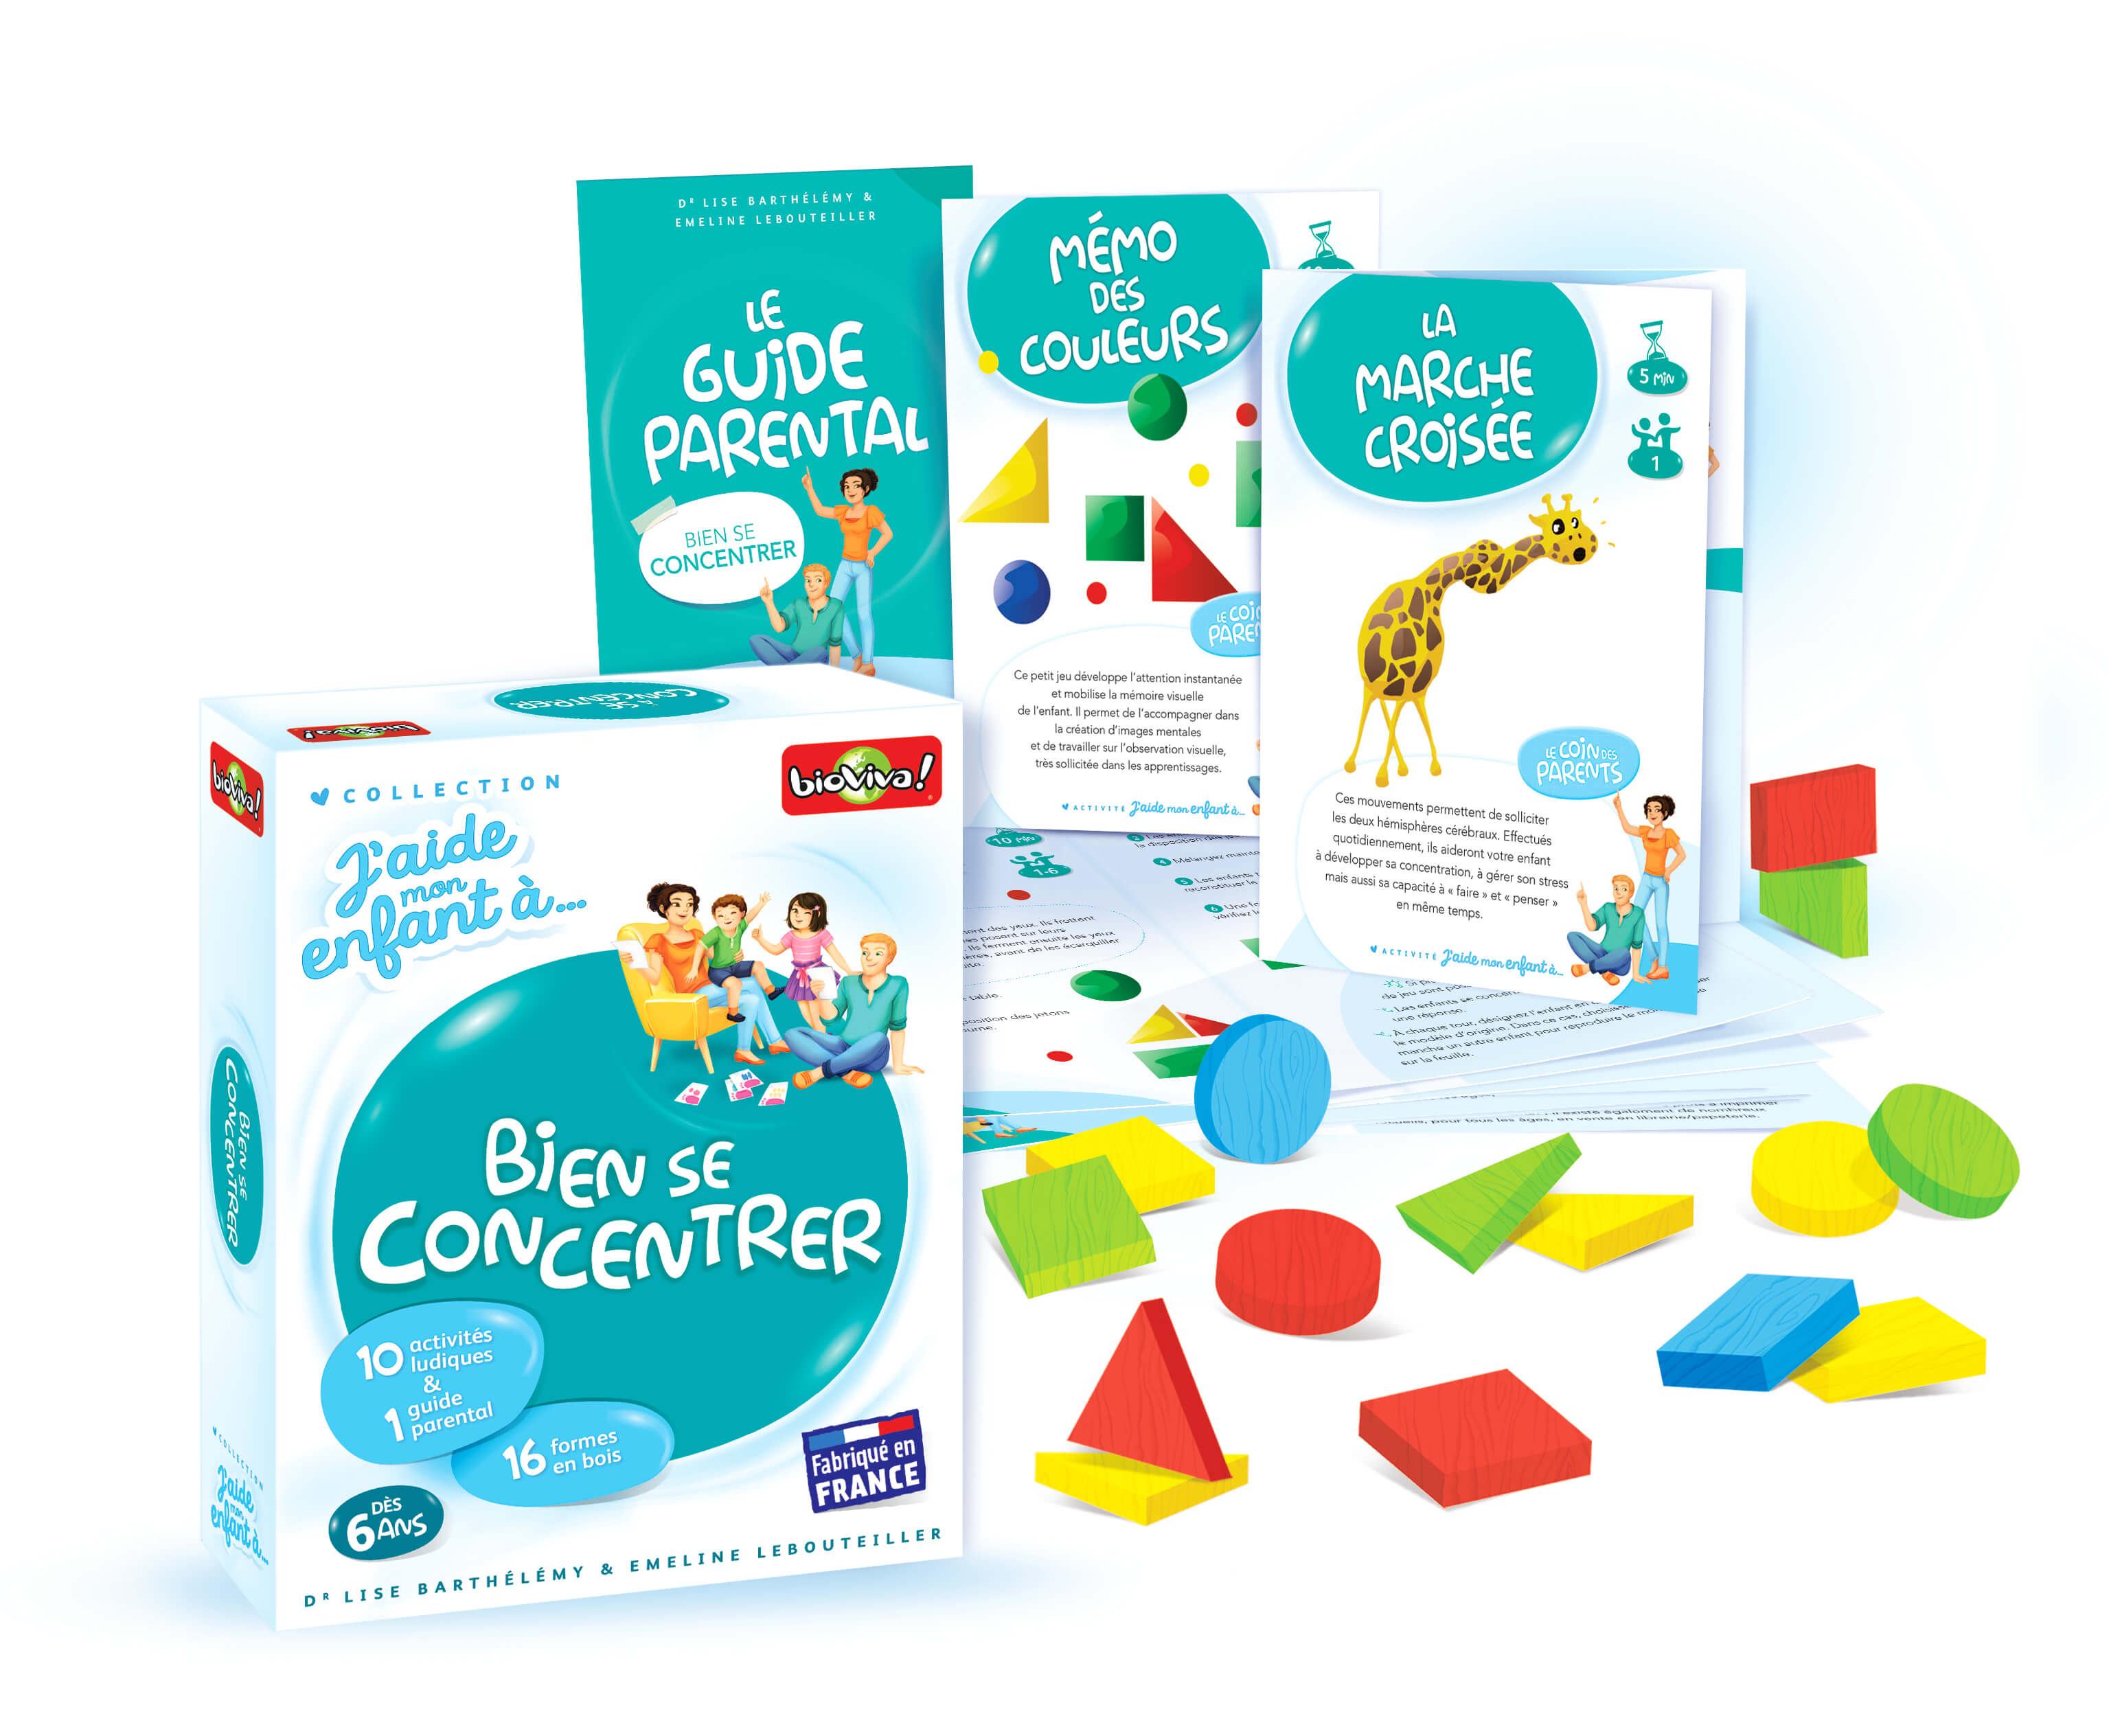 J'aide Mon Enfant À Bien Se Concentrer à Jeux De Memoire Enfant